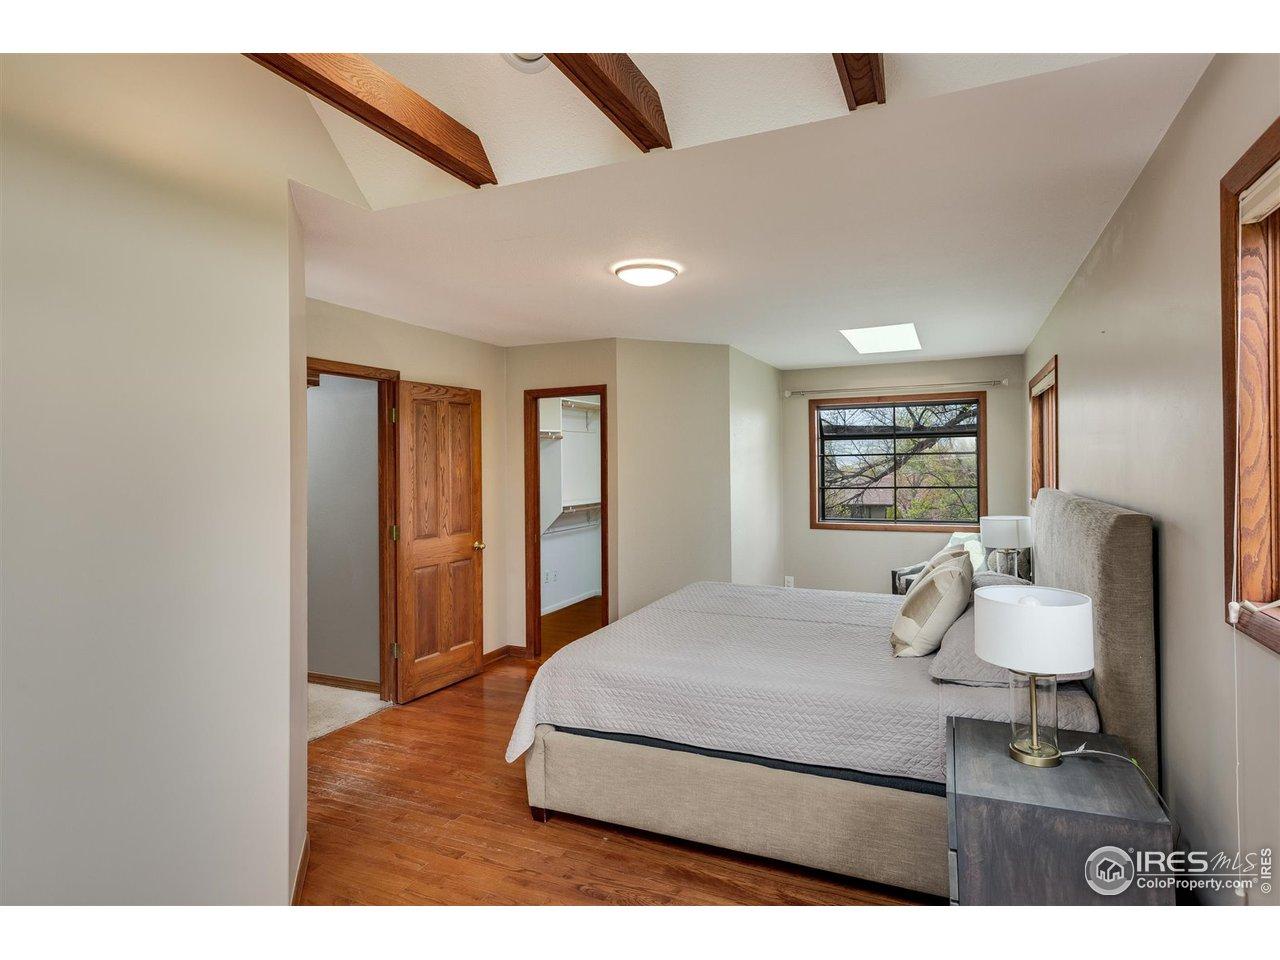 West facing bay window in master bedroom